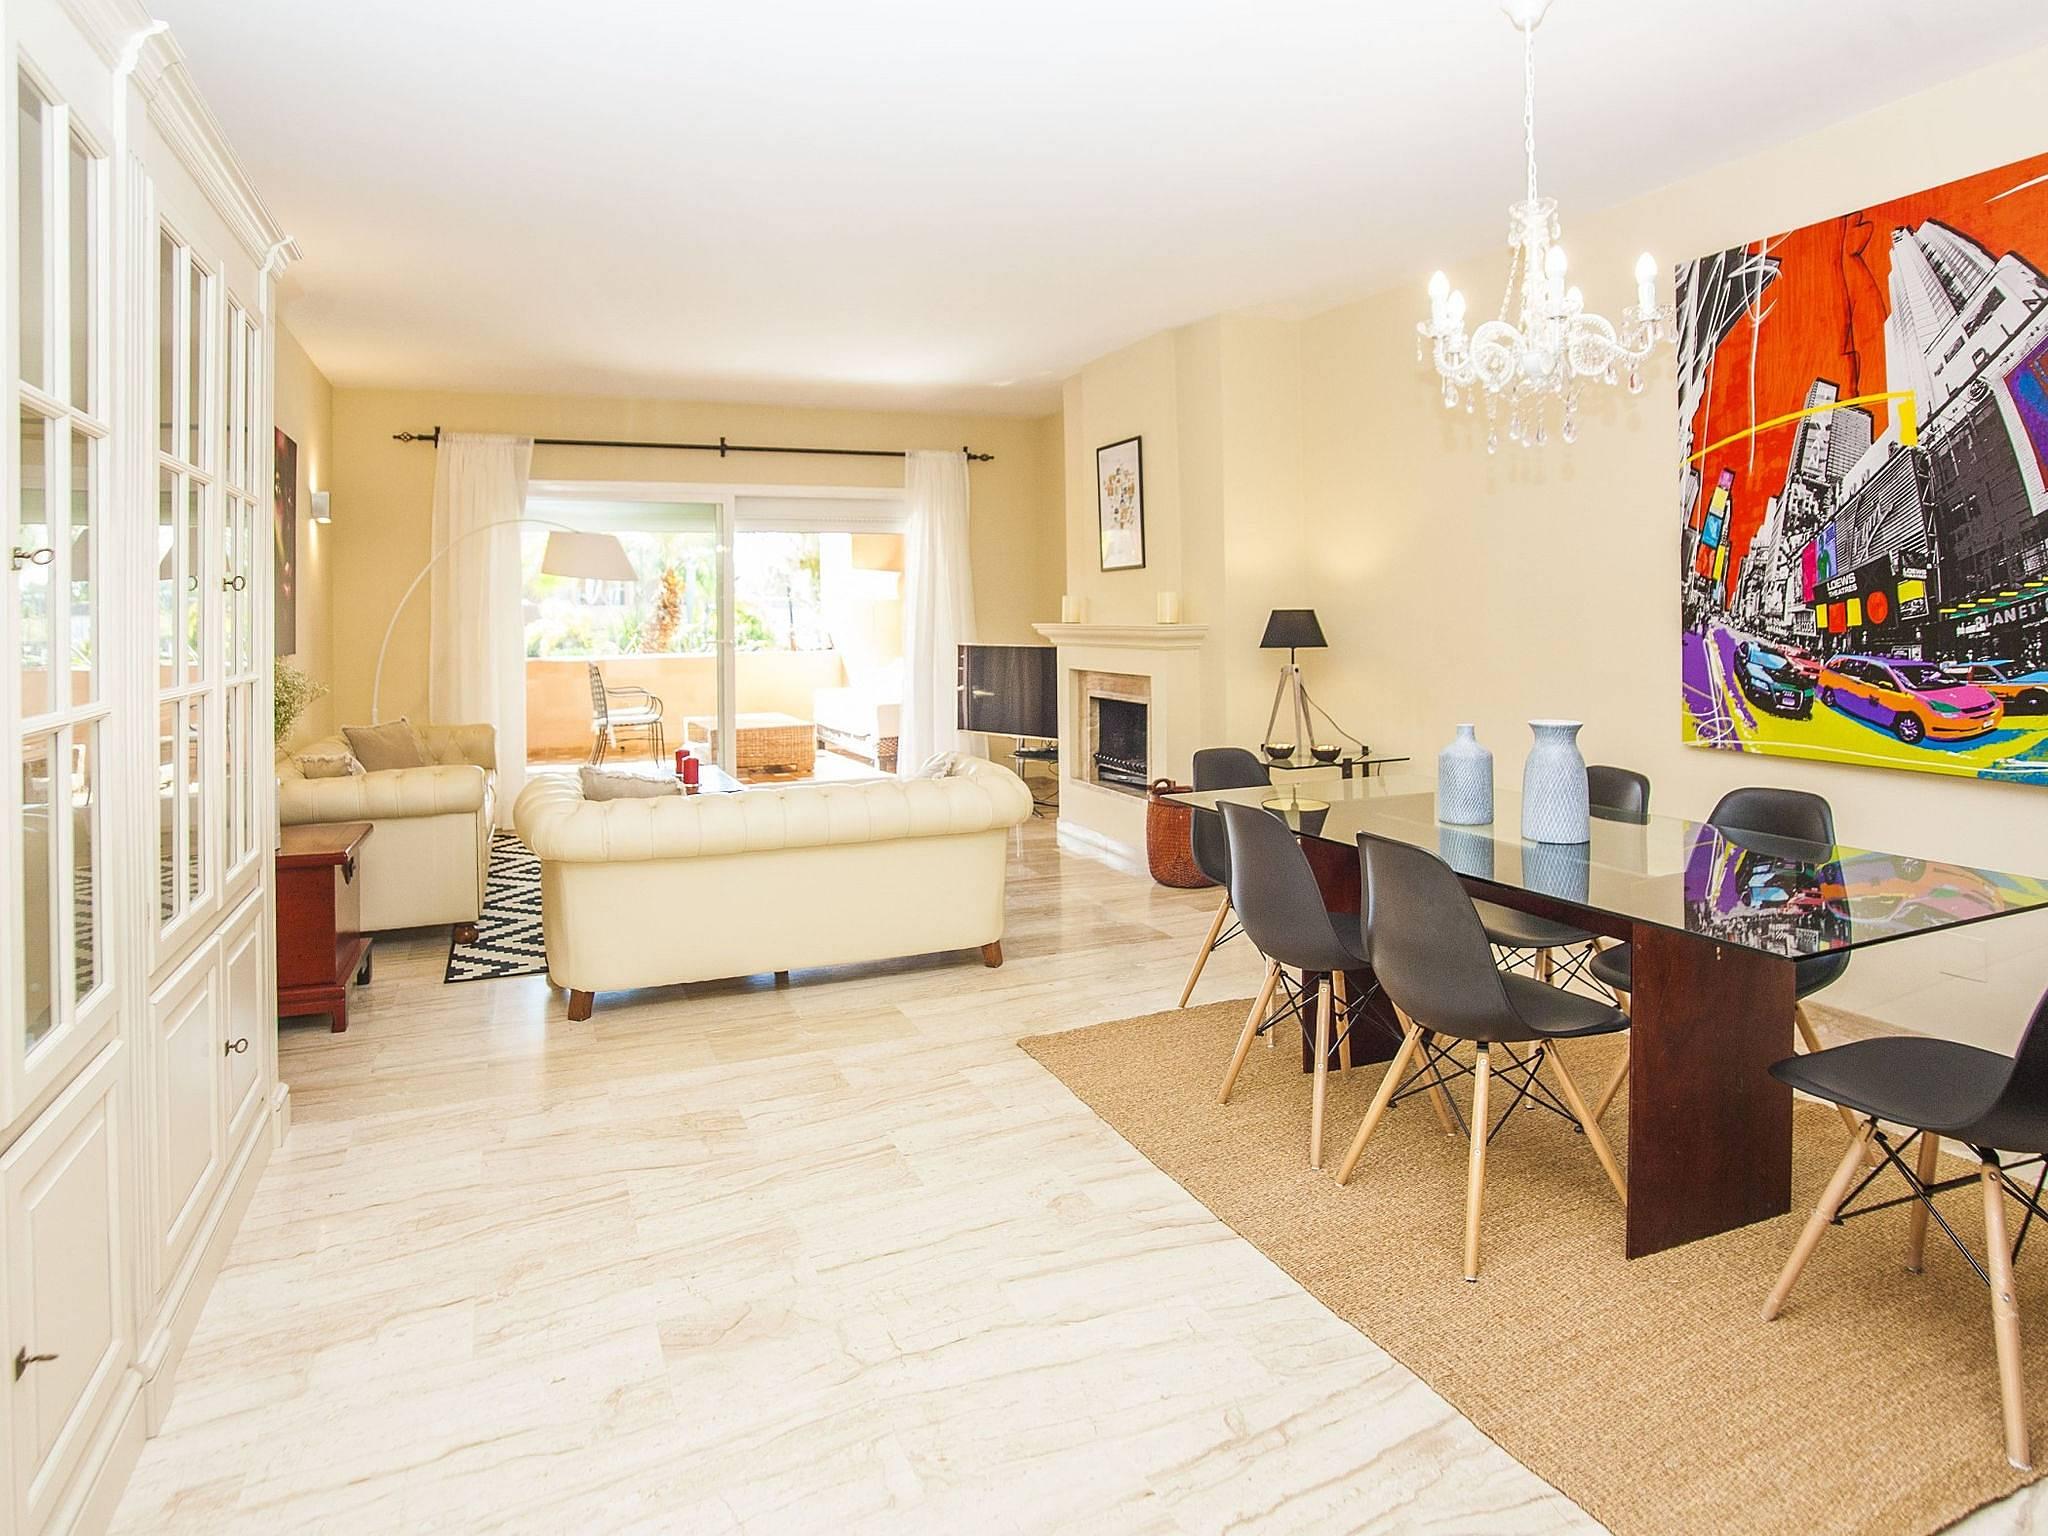 Apartamento en alquiler en atalaya isdabe atalaya isdabe estepona m laga costa del sol - Alquiler apartamentos en estepona ...